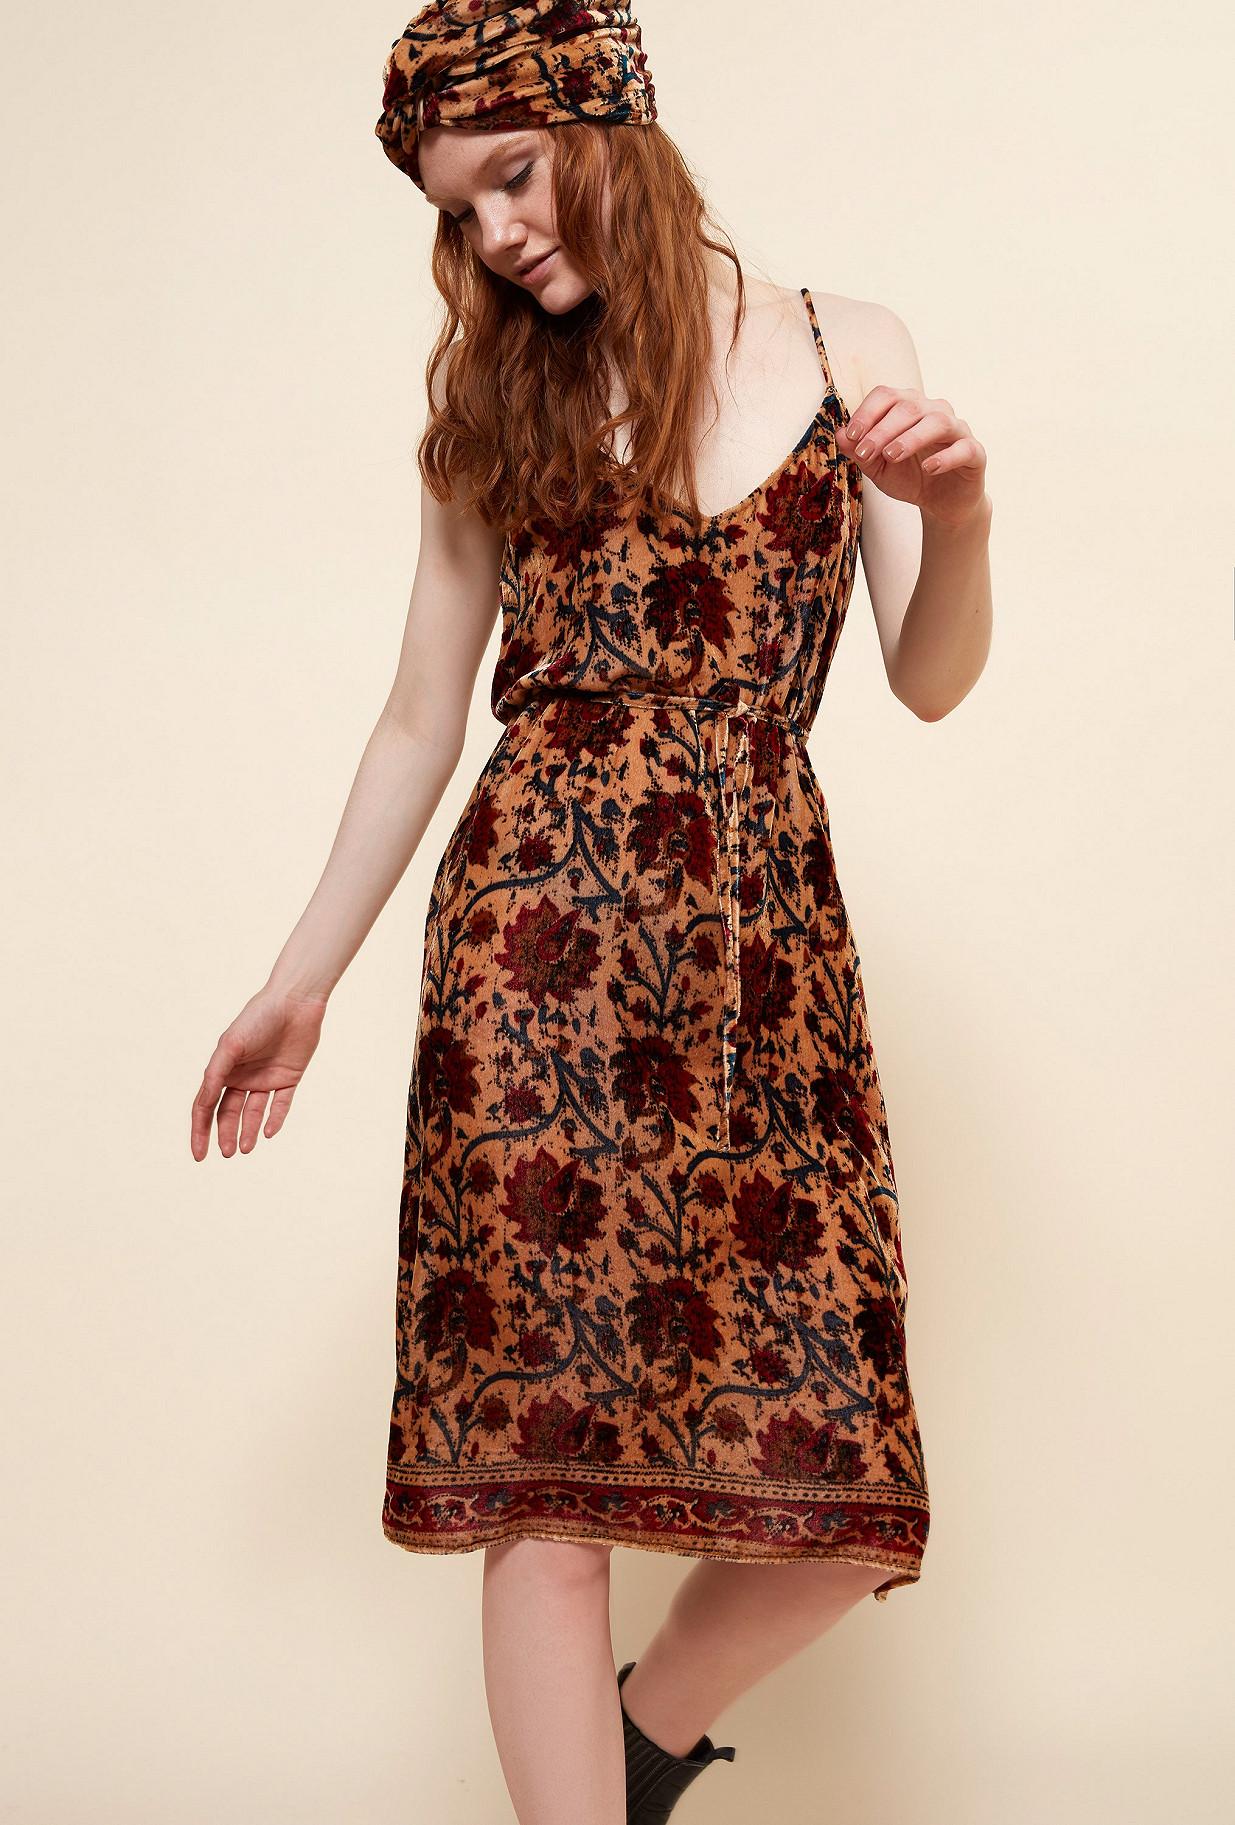 Floral print  Dress  Chopin Mes demoiselles fashion clothes designer Paris